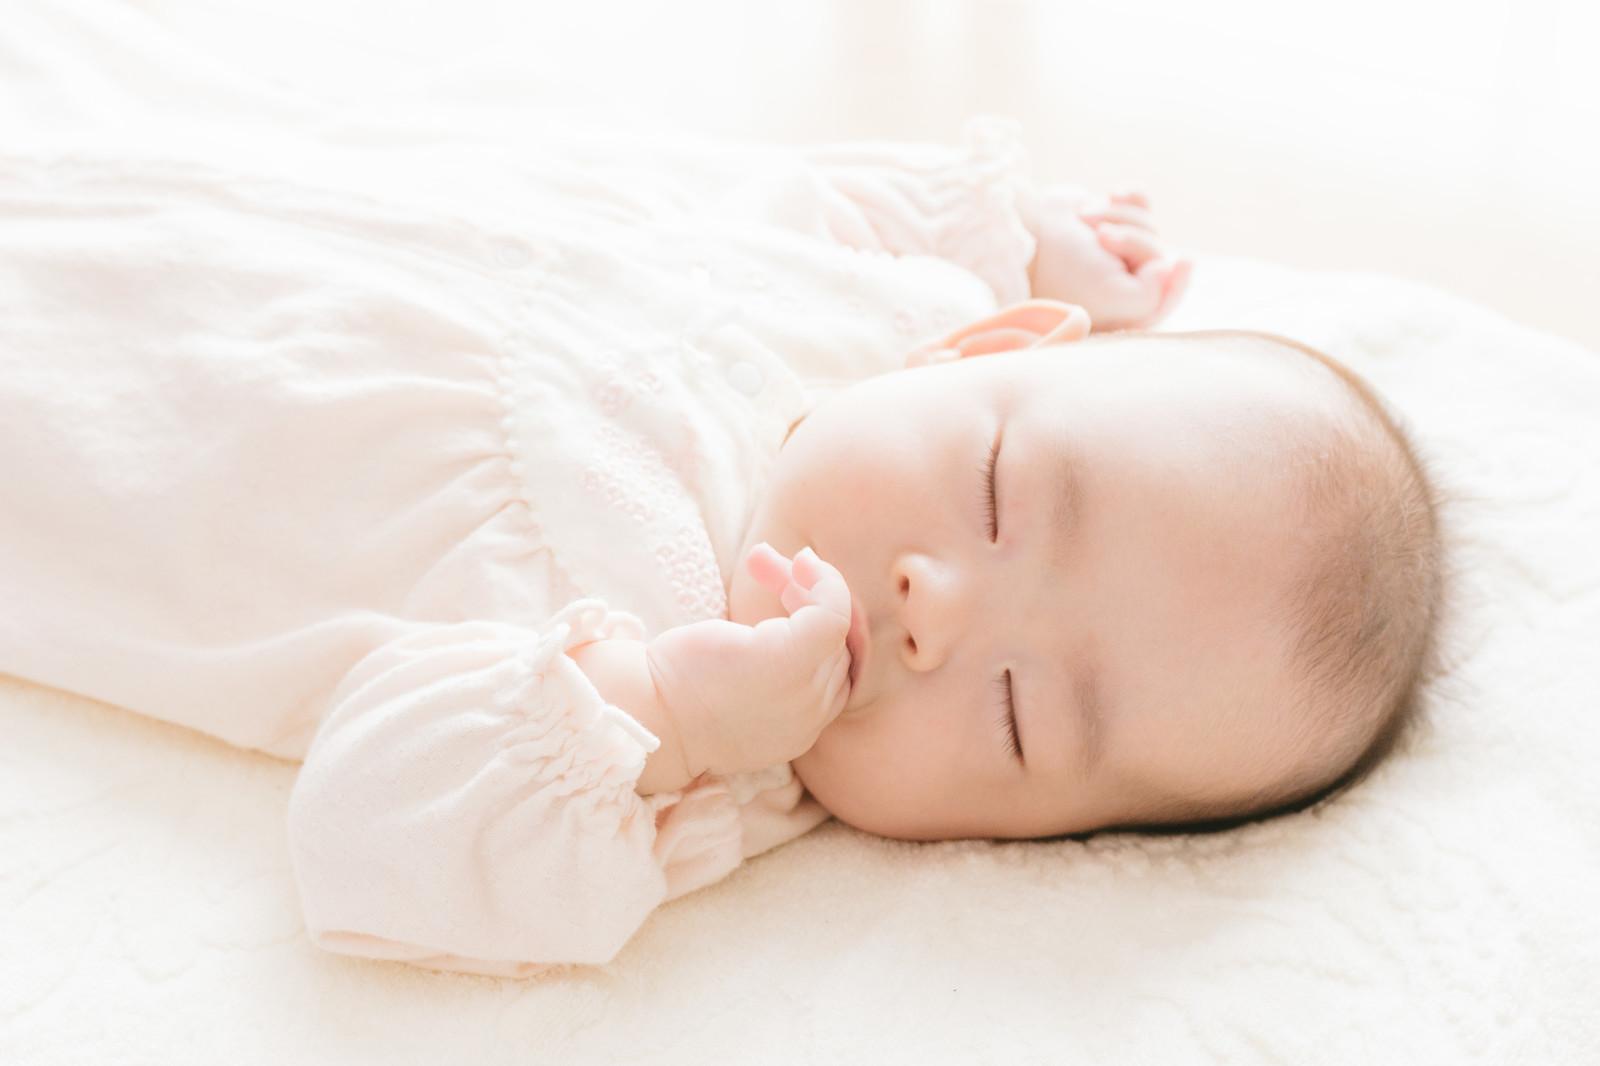 風邪薬で胎児に影響することはない